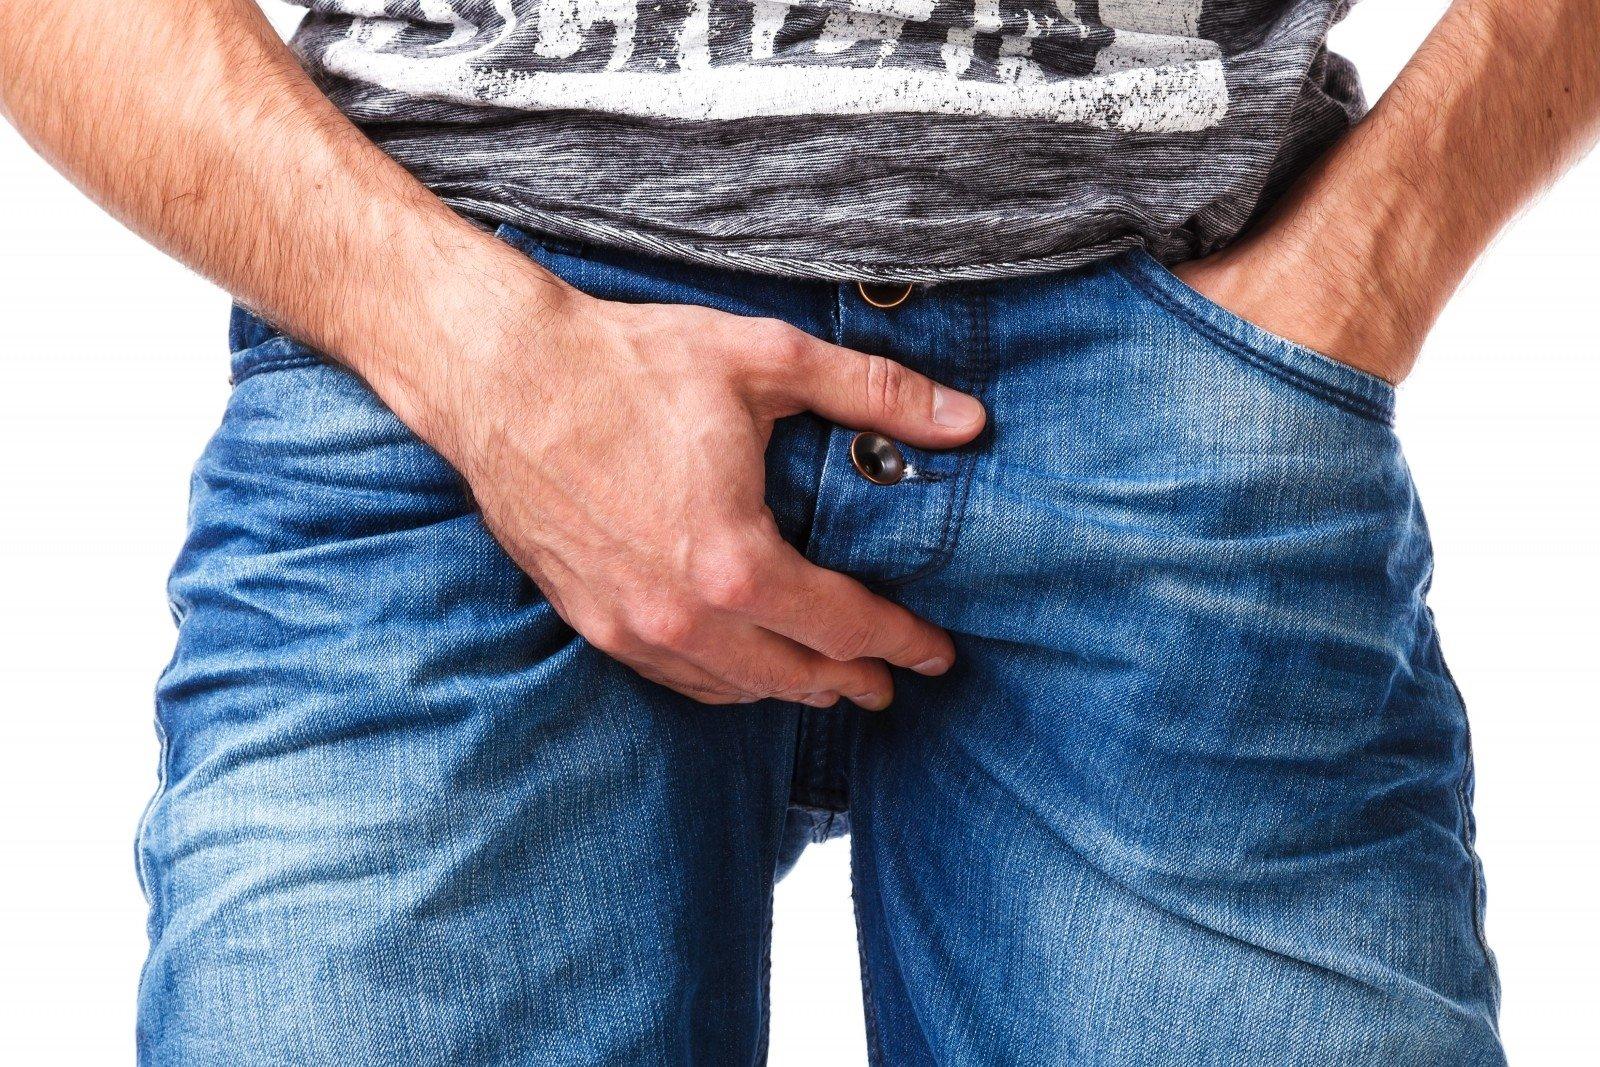 kodėl stovint nėra erekcijos berniuku dydziai berniukuose 5 metai